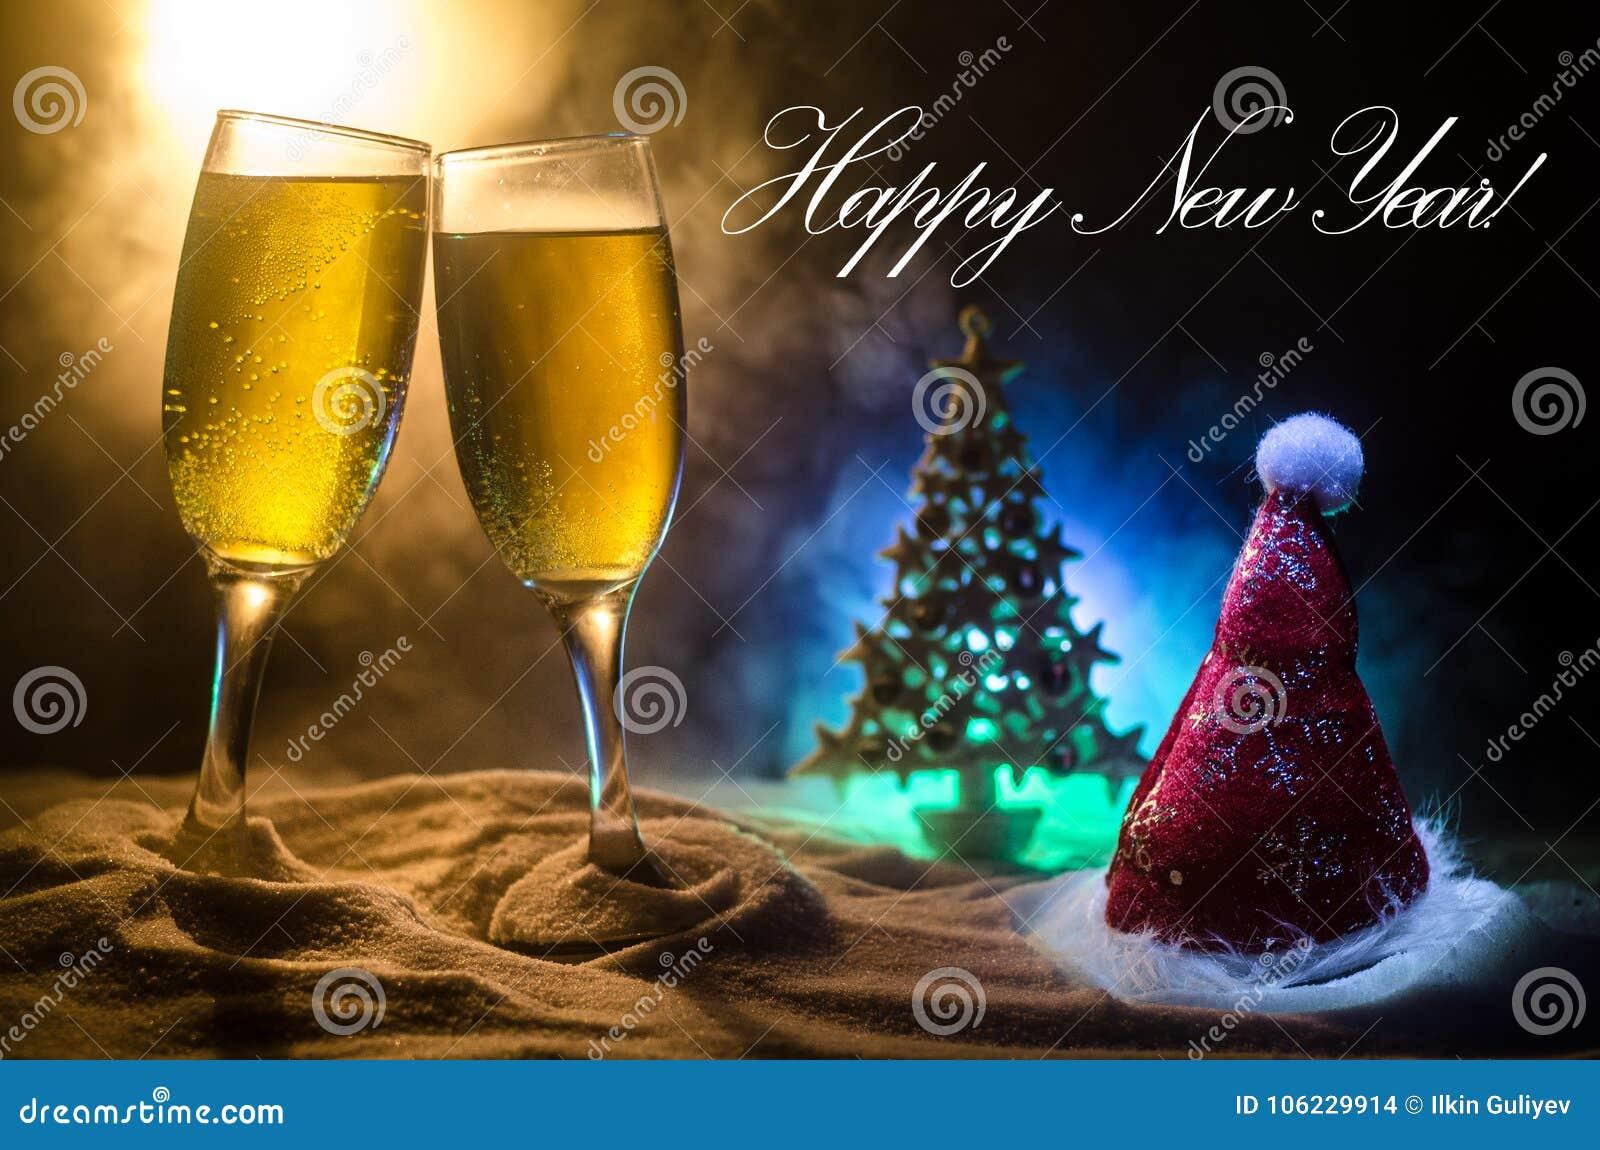 Fondo de la celebración de Noche Vieja con pares de flautas y de botella de champán con cualidades de la Navidad (o elementos) en